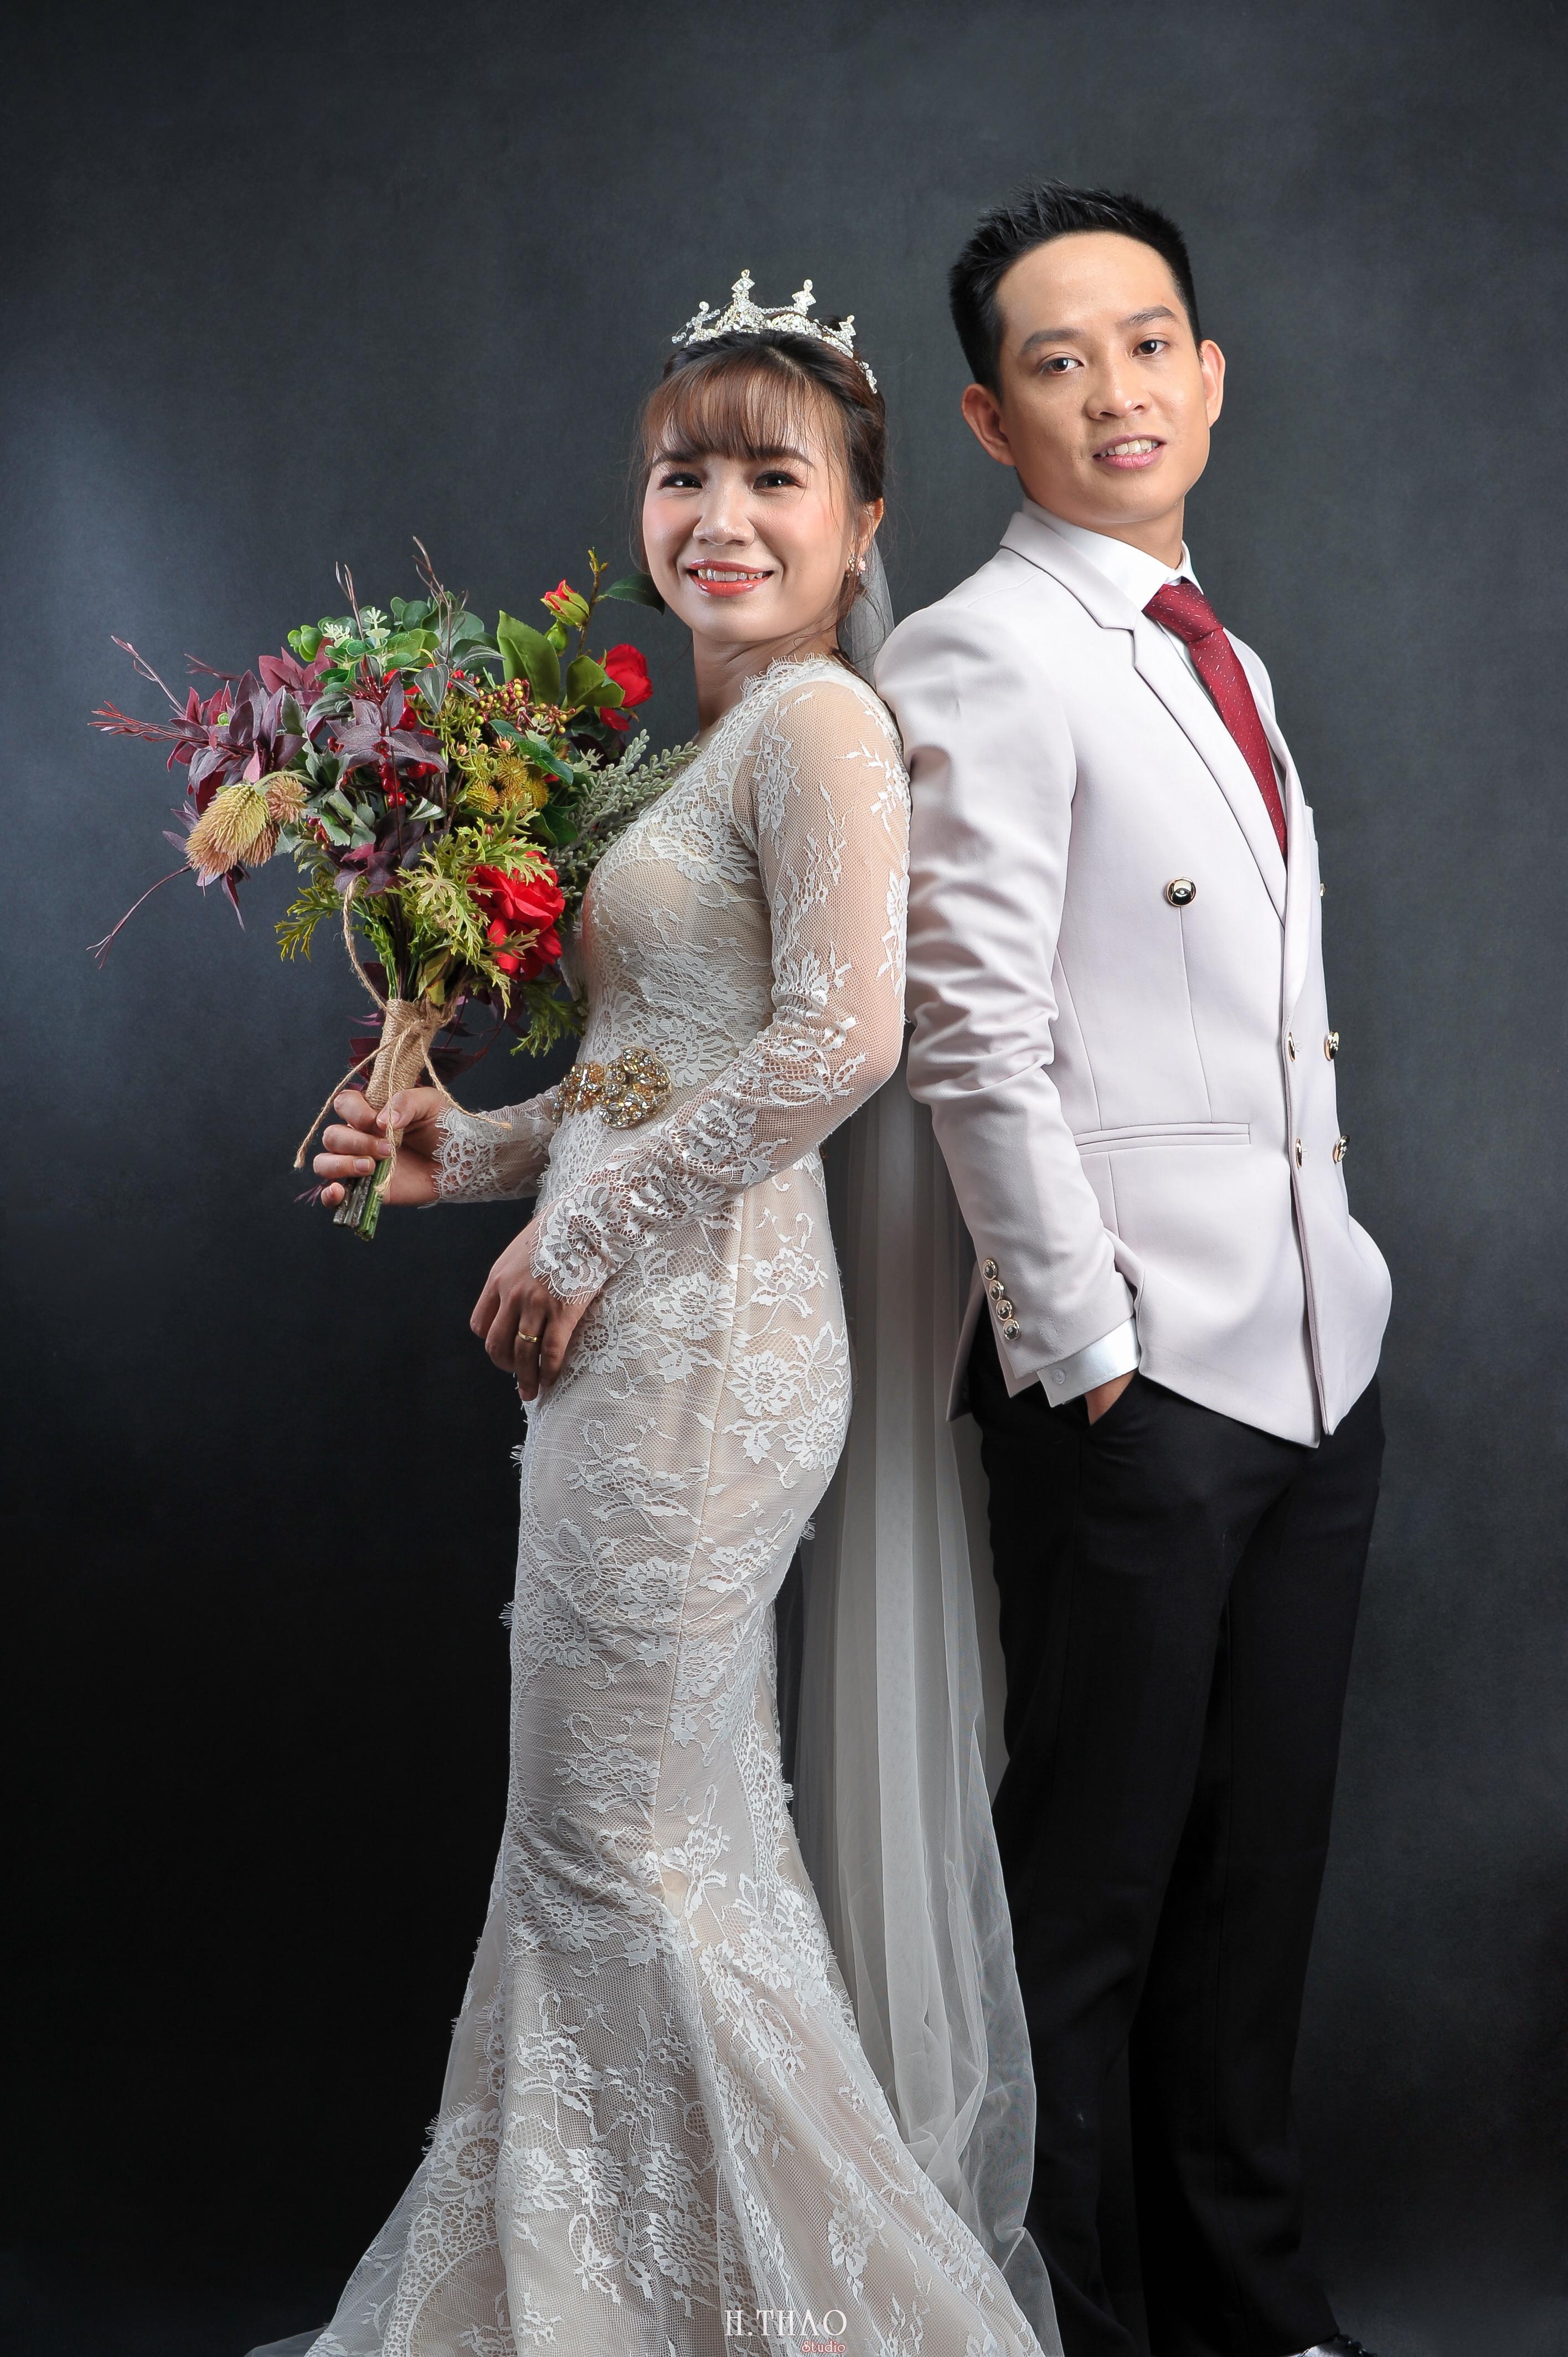 Anh cuoi style Han quoc 13 min - Chụp ảnh cưới đơn giản mà đẹp tại studio – HThao Studio Tp.HCM